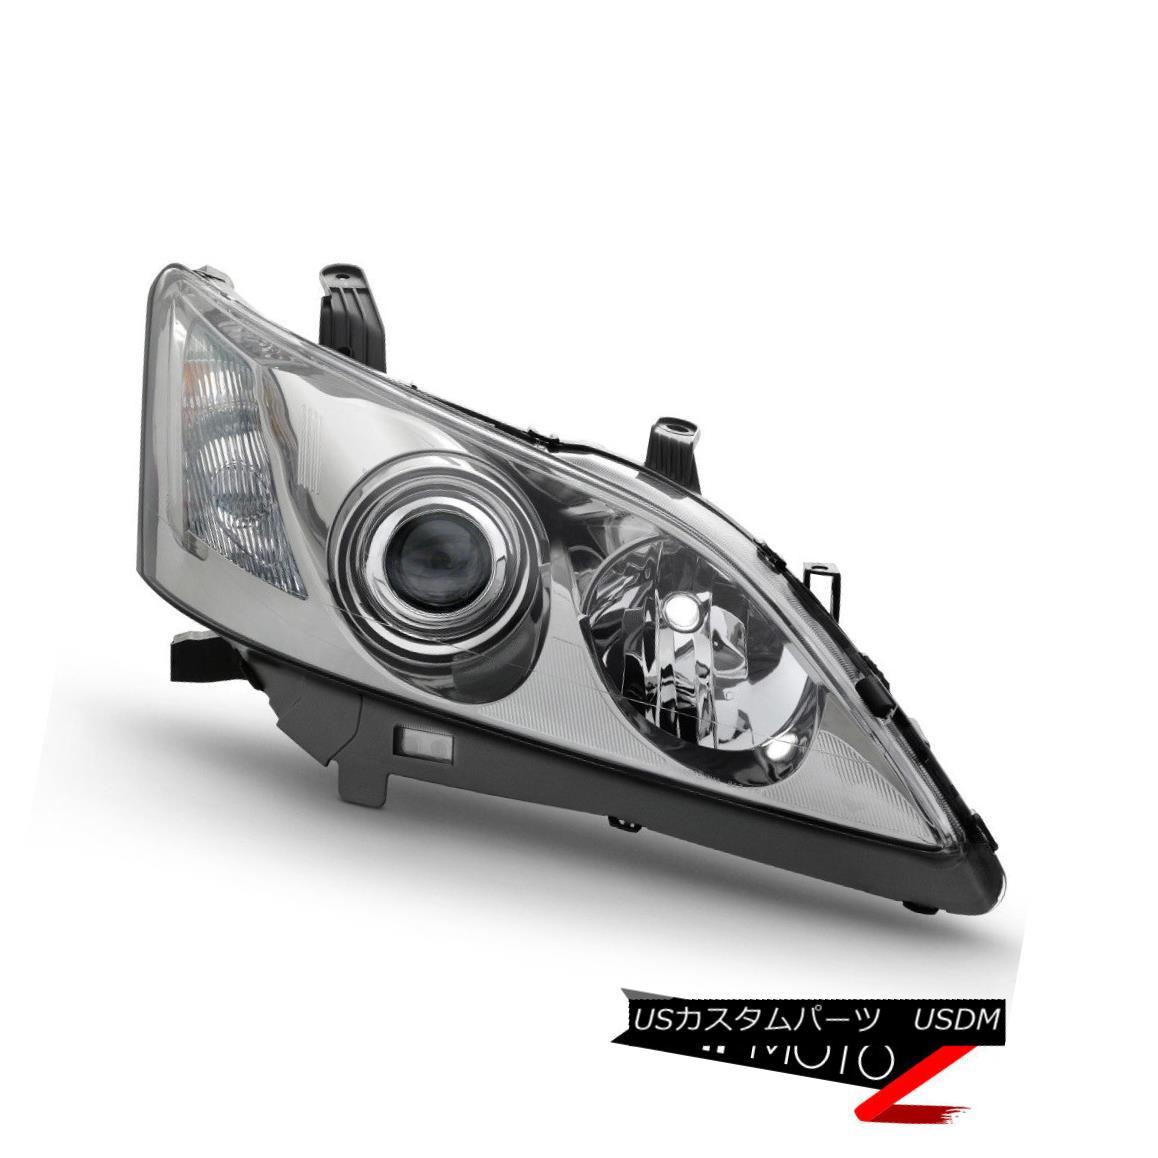 ヘッドライト {FACTORY STYLE} 2007-2009 Lexus ES350 Passenger Side Headlamp Light Assembly RH {FACTORY STYLE} 2007-2009 Lexus ES350乗用サイドヘッドランプライトアセンブリRH